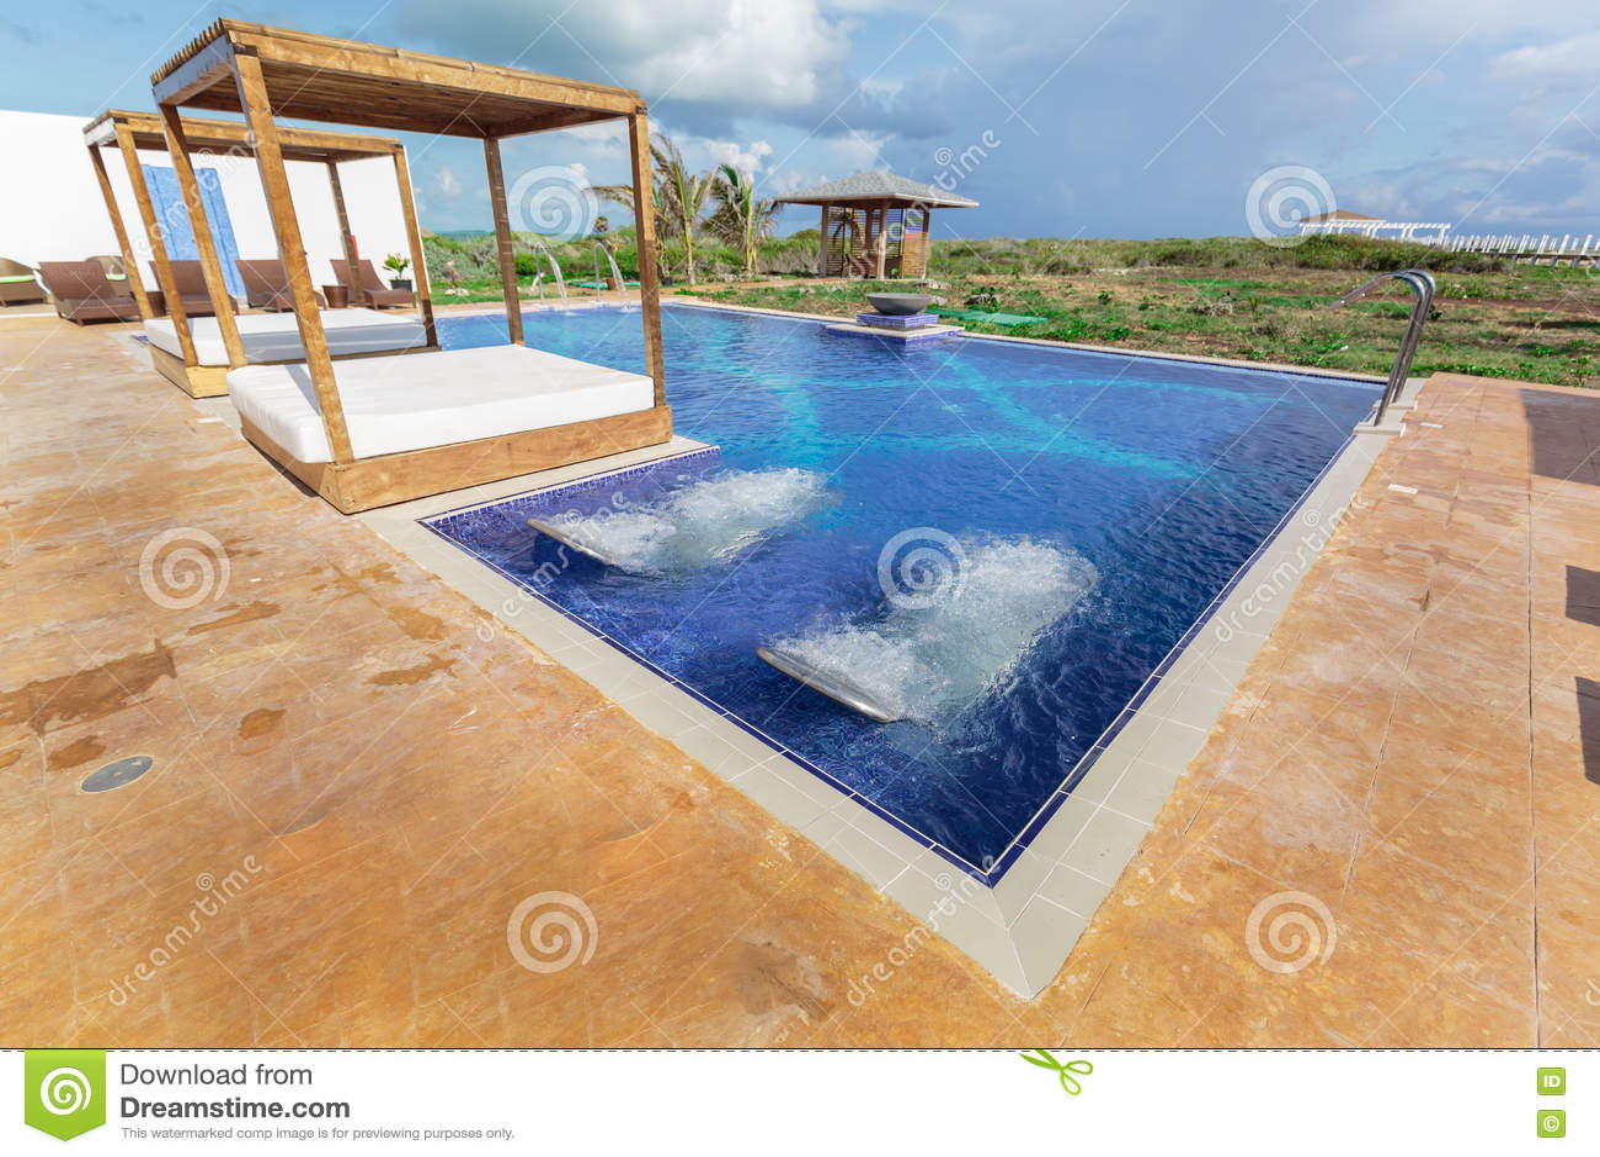 La hermosa vista de invitación que sorprende del balneario del centro turístico y la piscina con aguamarina dan masajes a camas